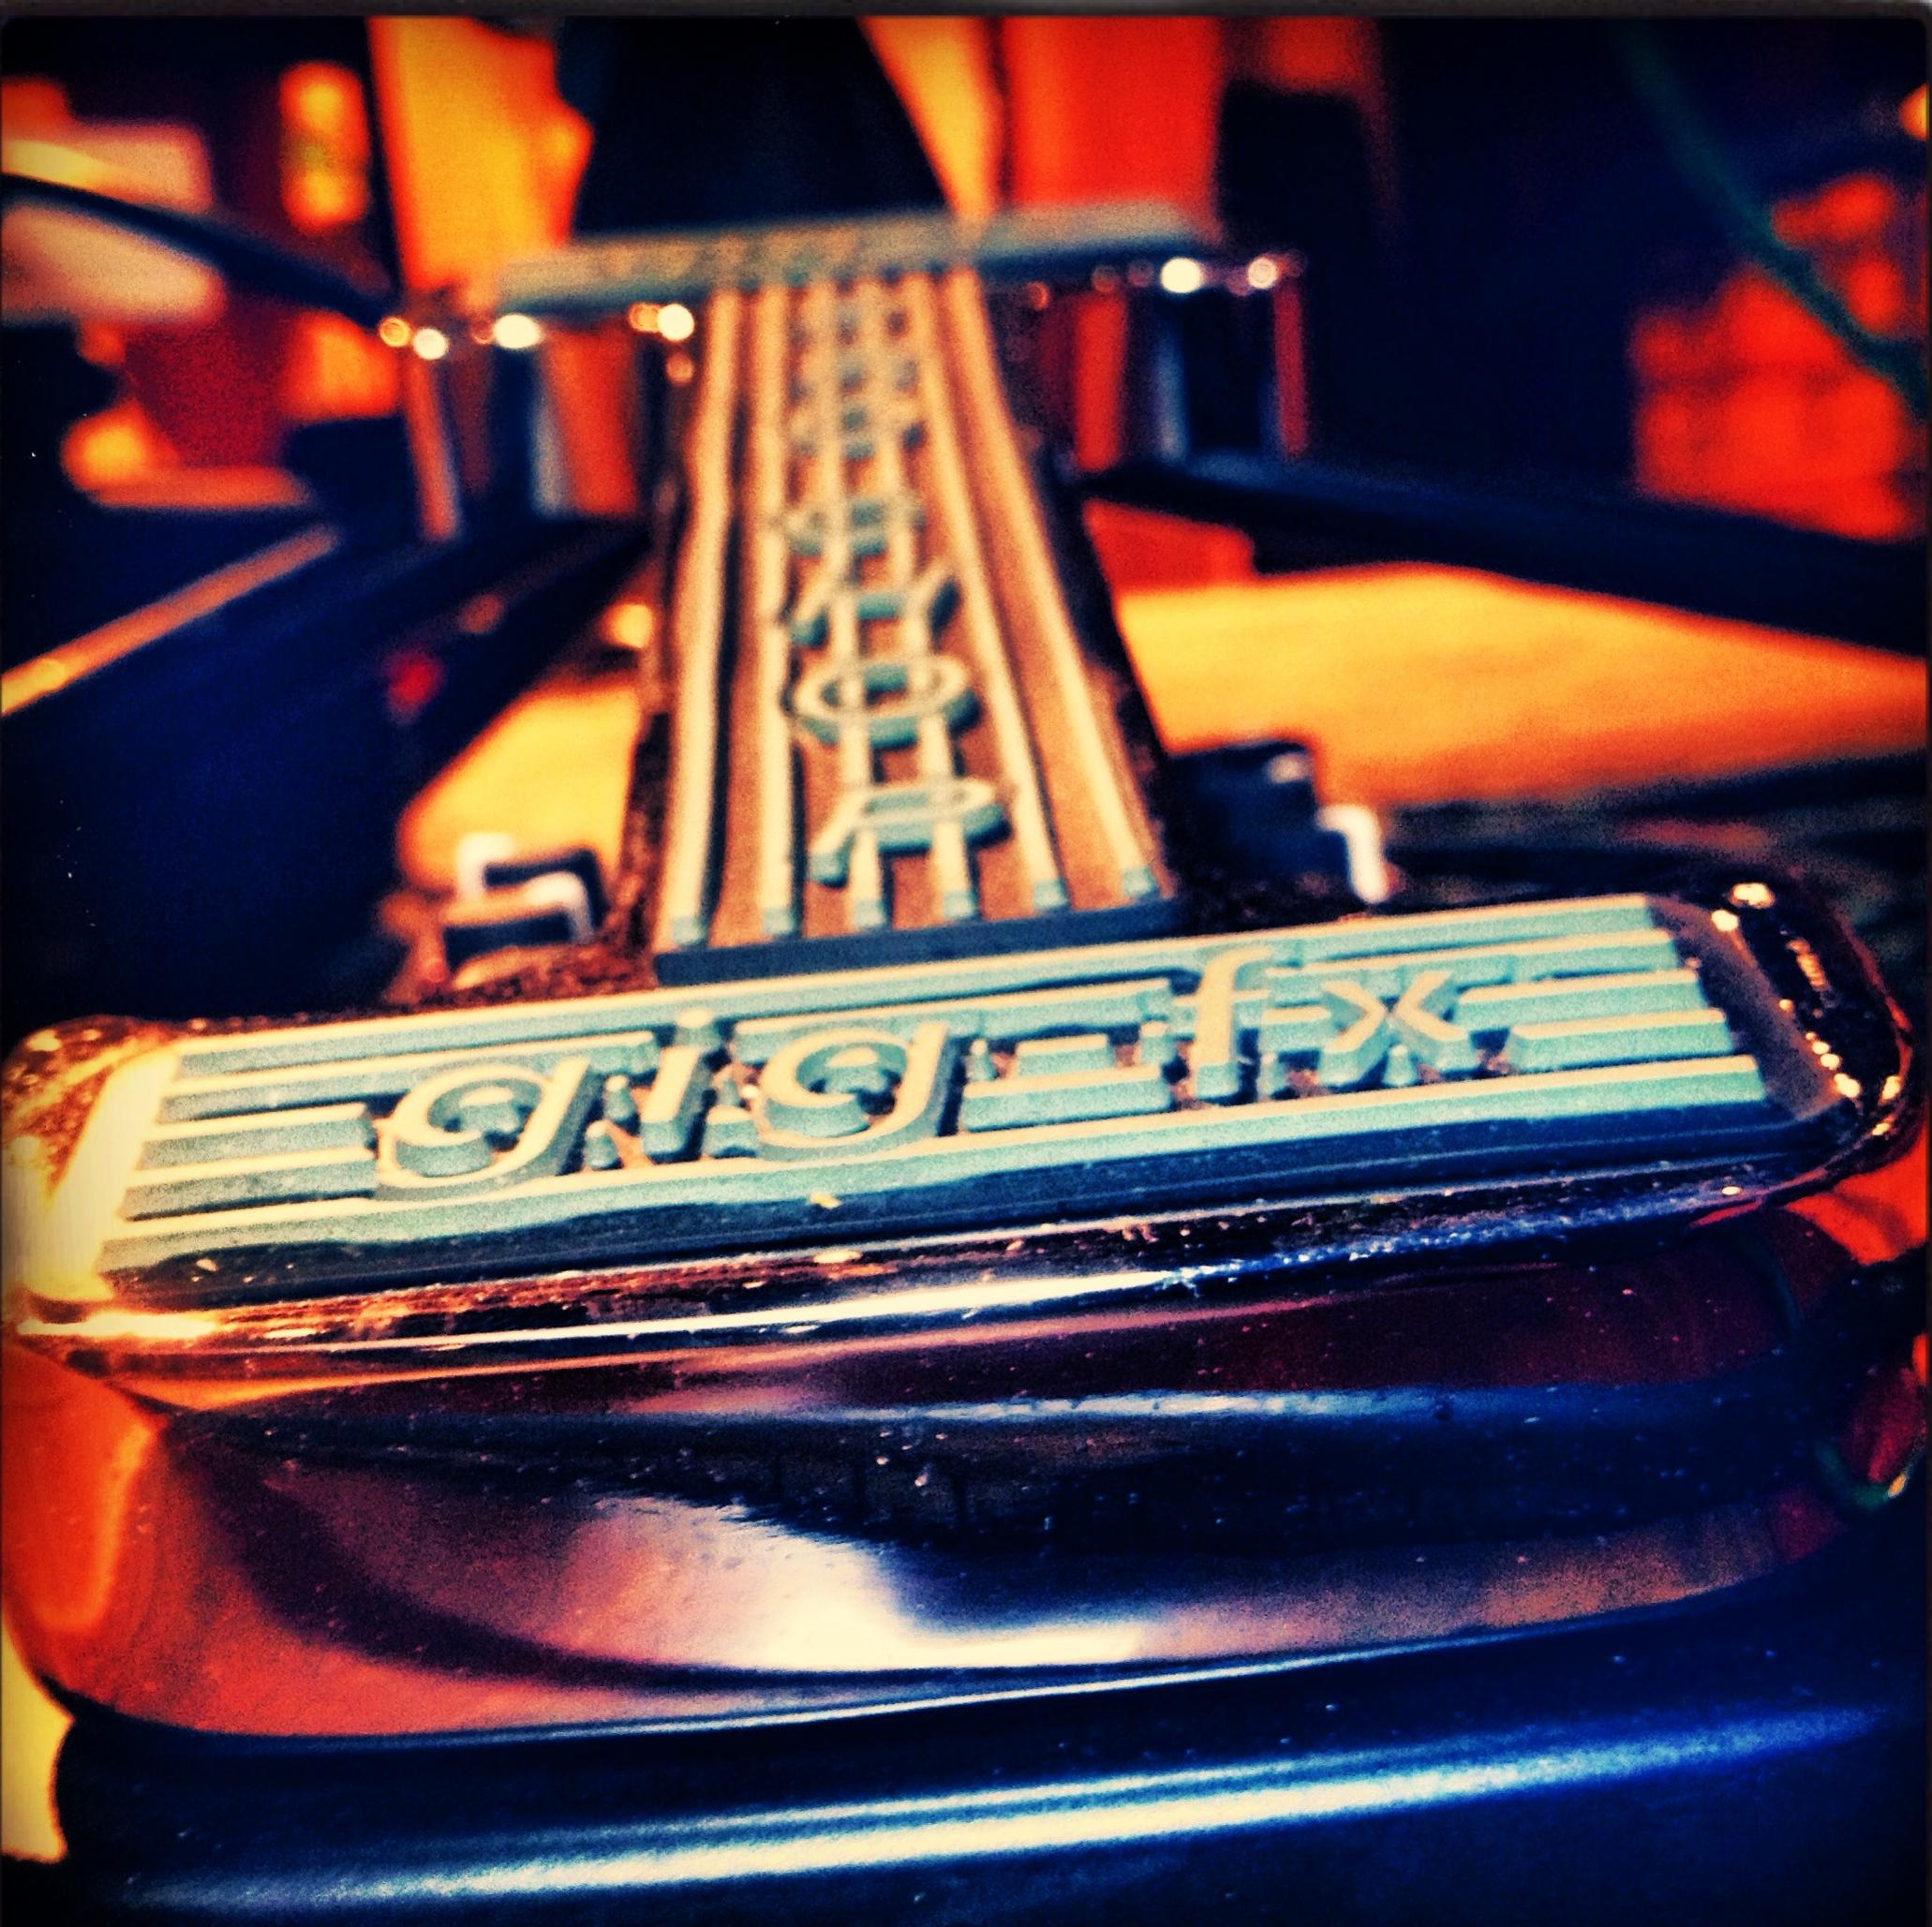 Vintage Pedal | Steve Fulton | 2014